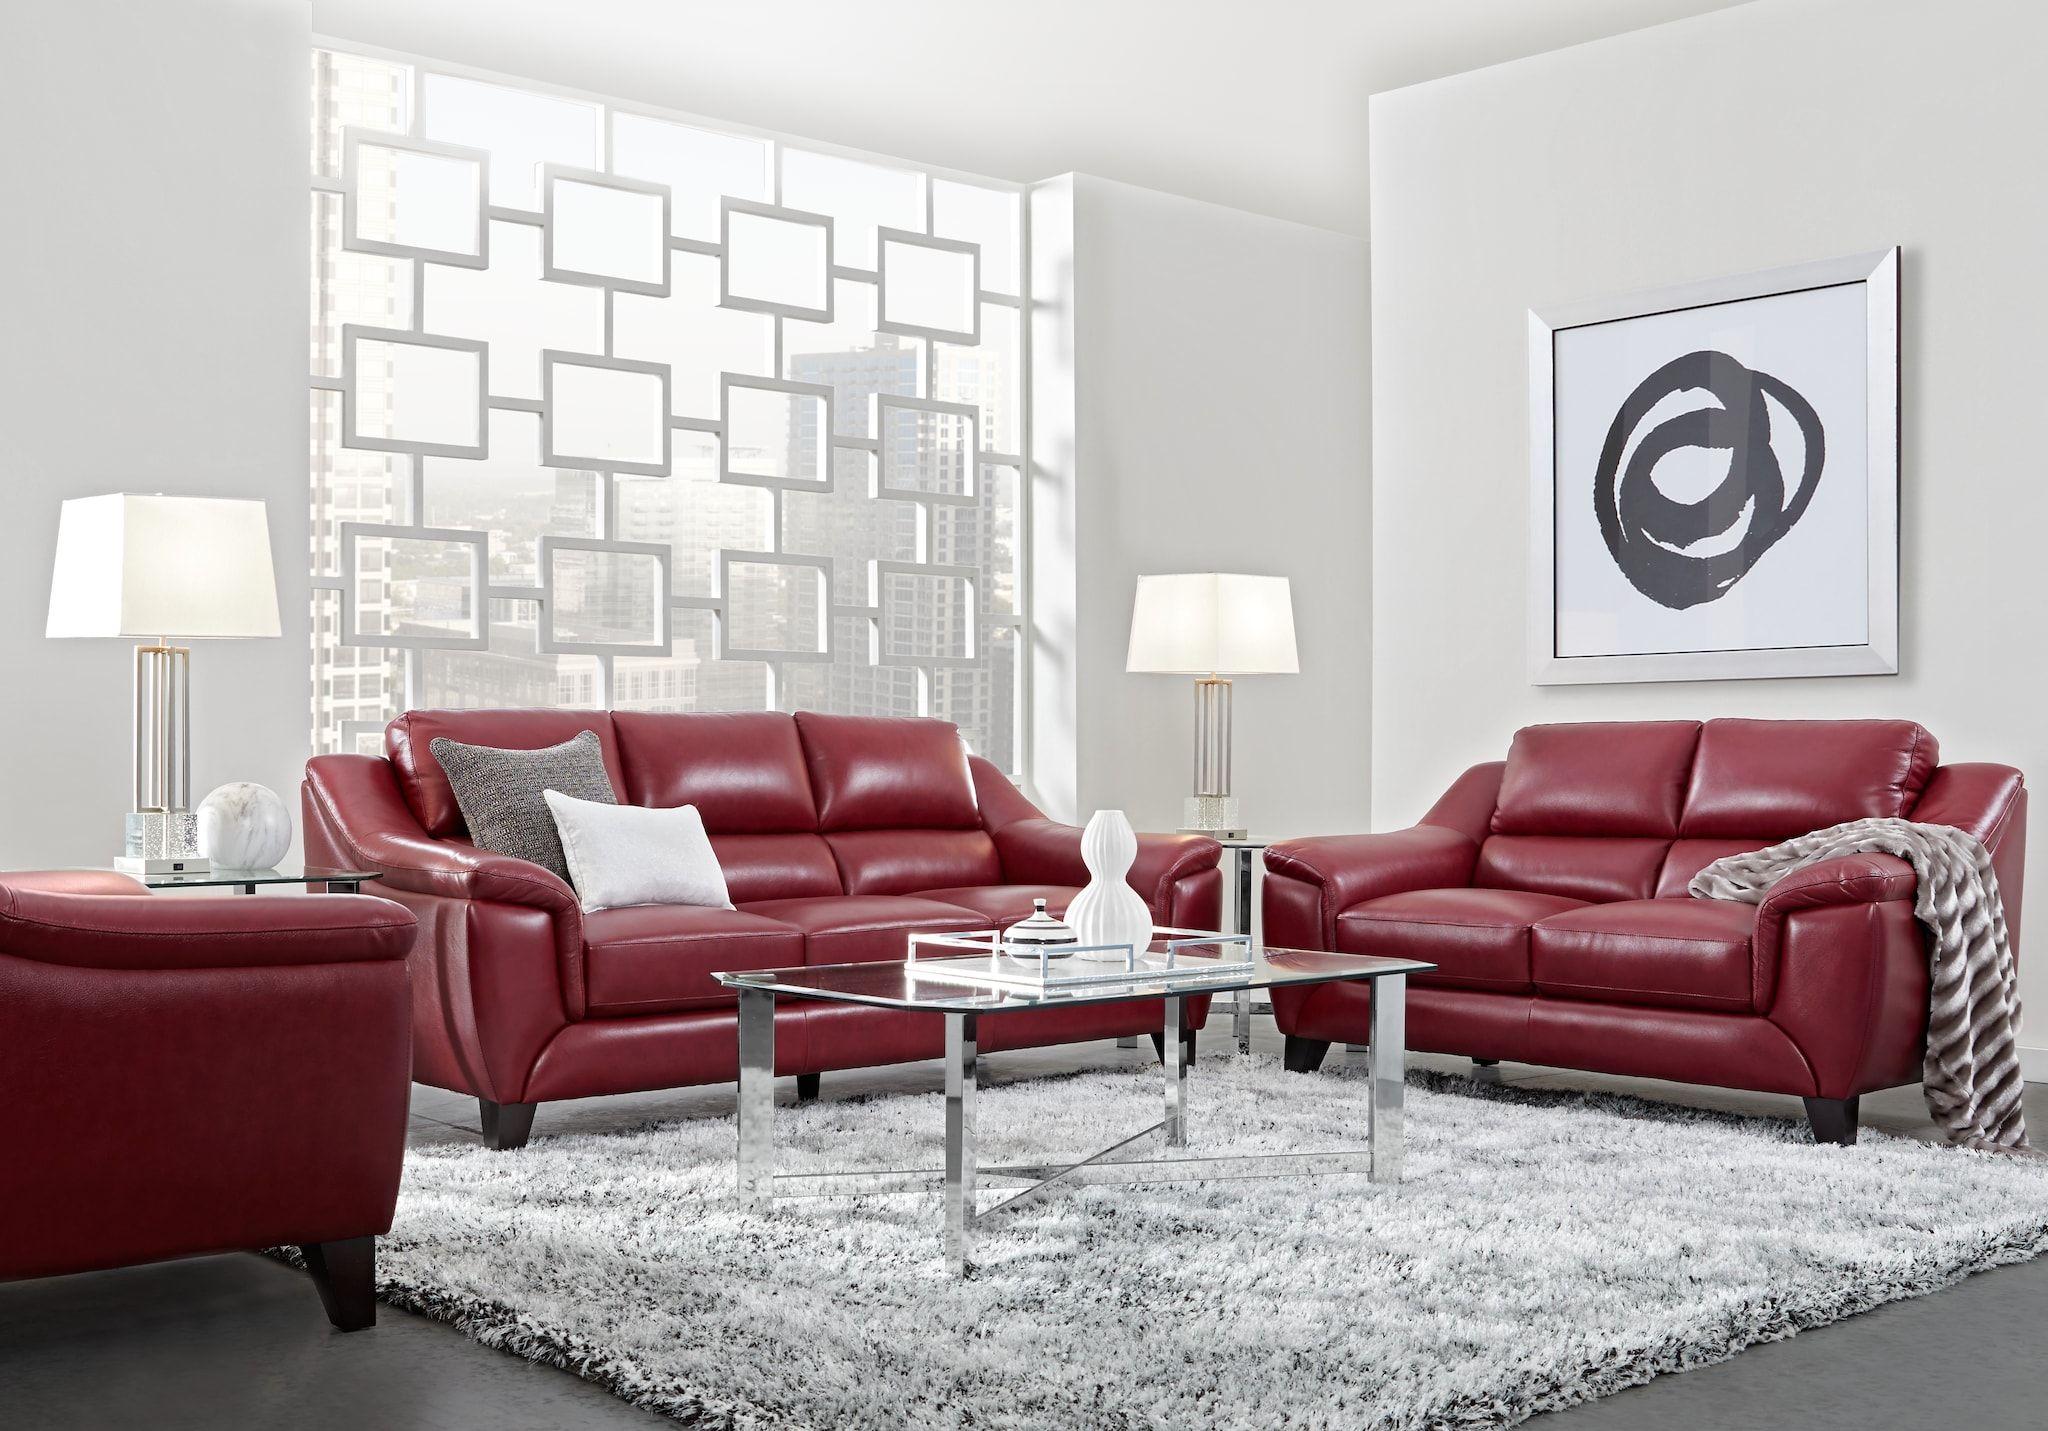 Living Room Sets Living Room Suites Furniture Collections Living Room Leather Leather Living Room Furniture Leather Living Room Set Leather living room suit